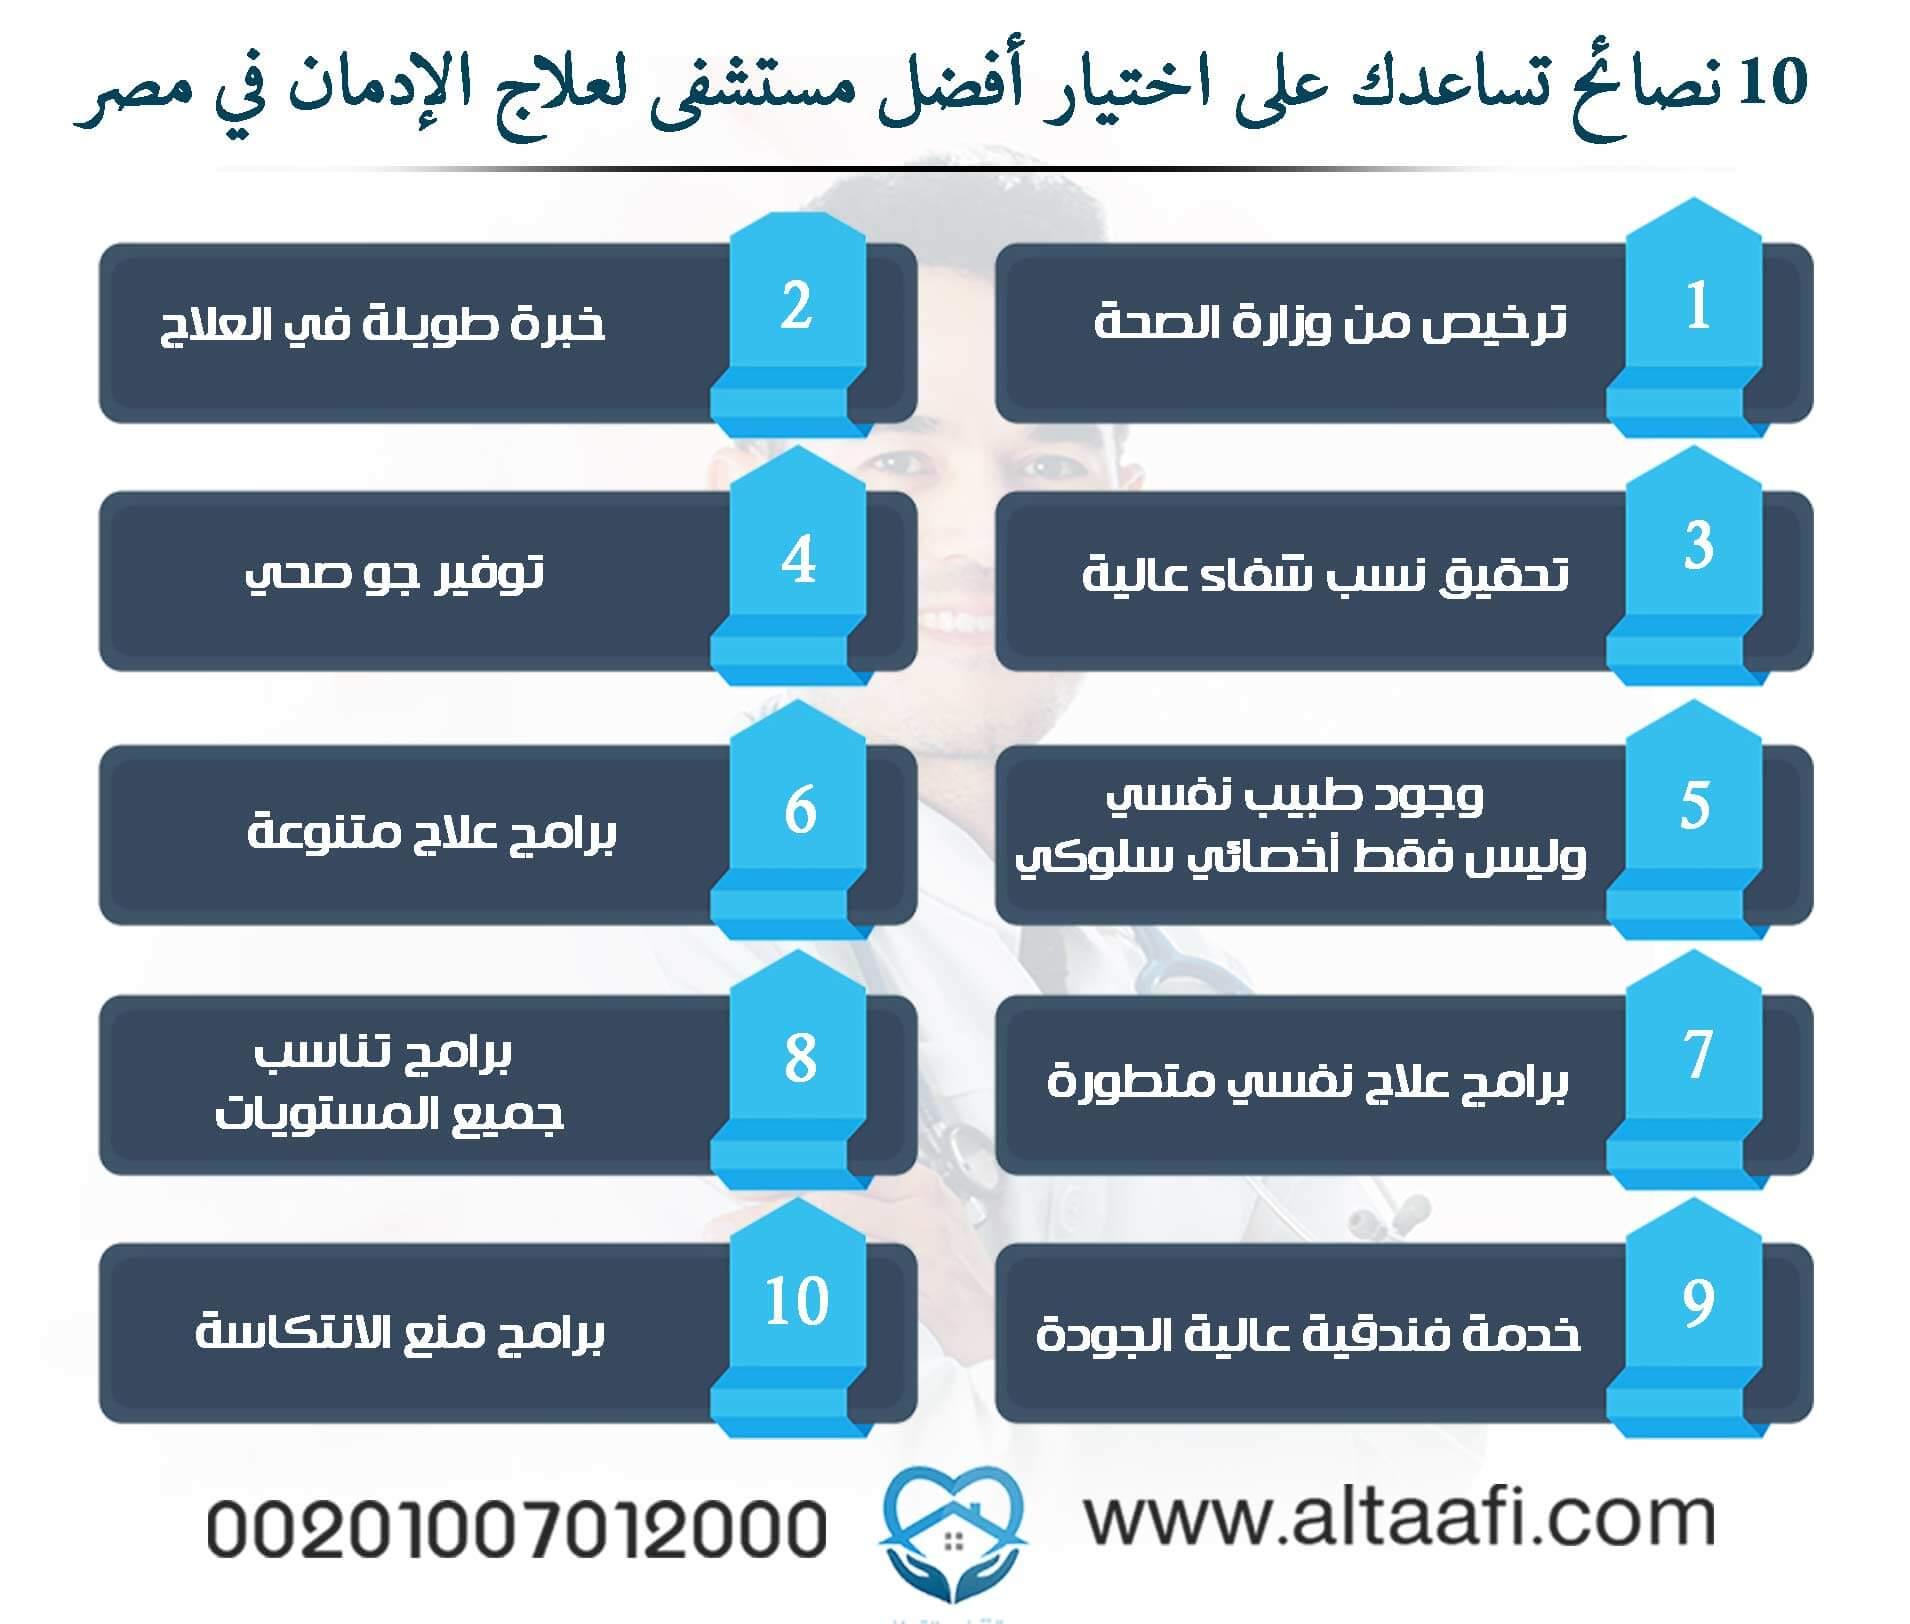 أفضل مستشفى لعلاج الإدمان في مصر